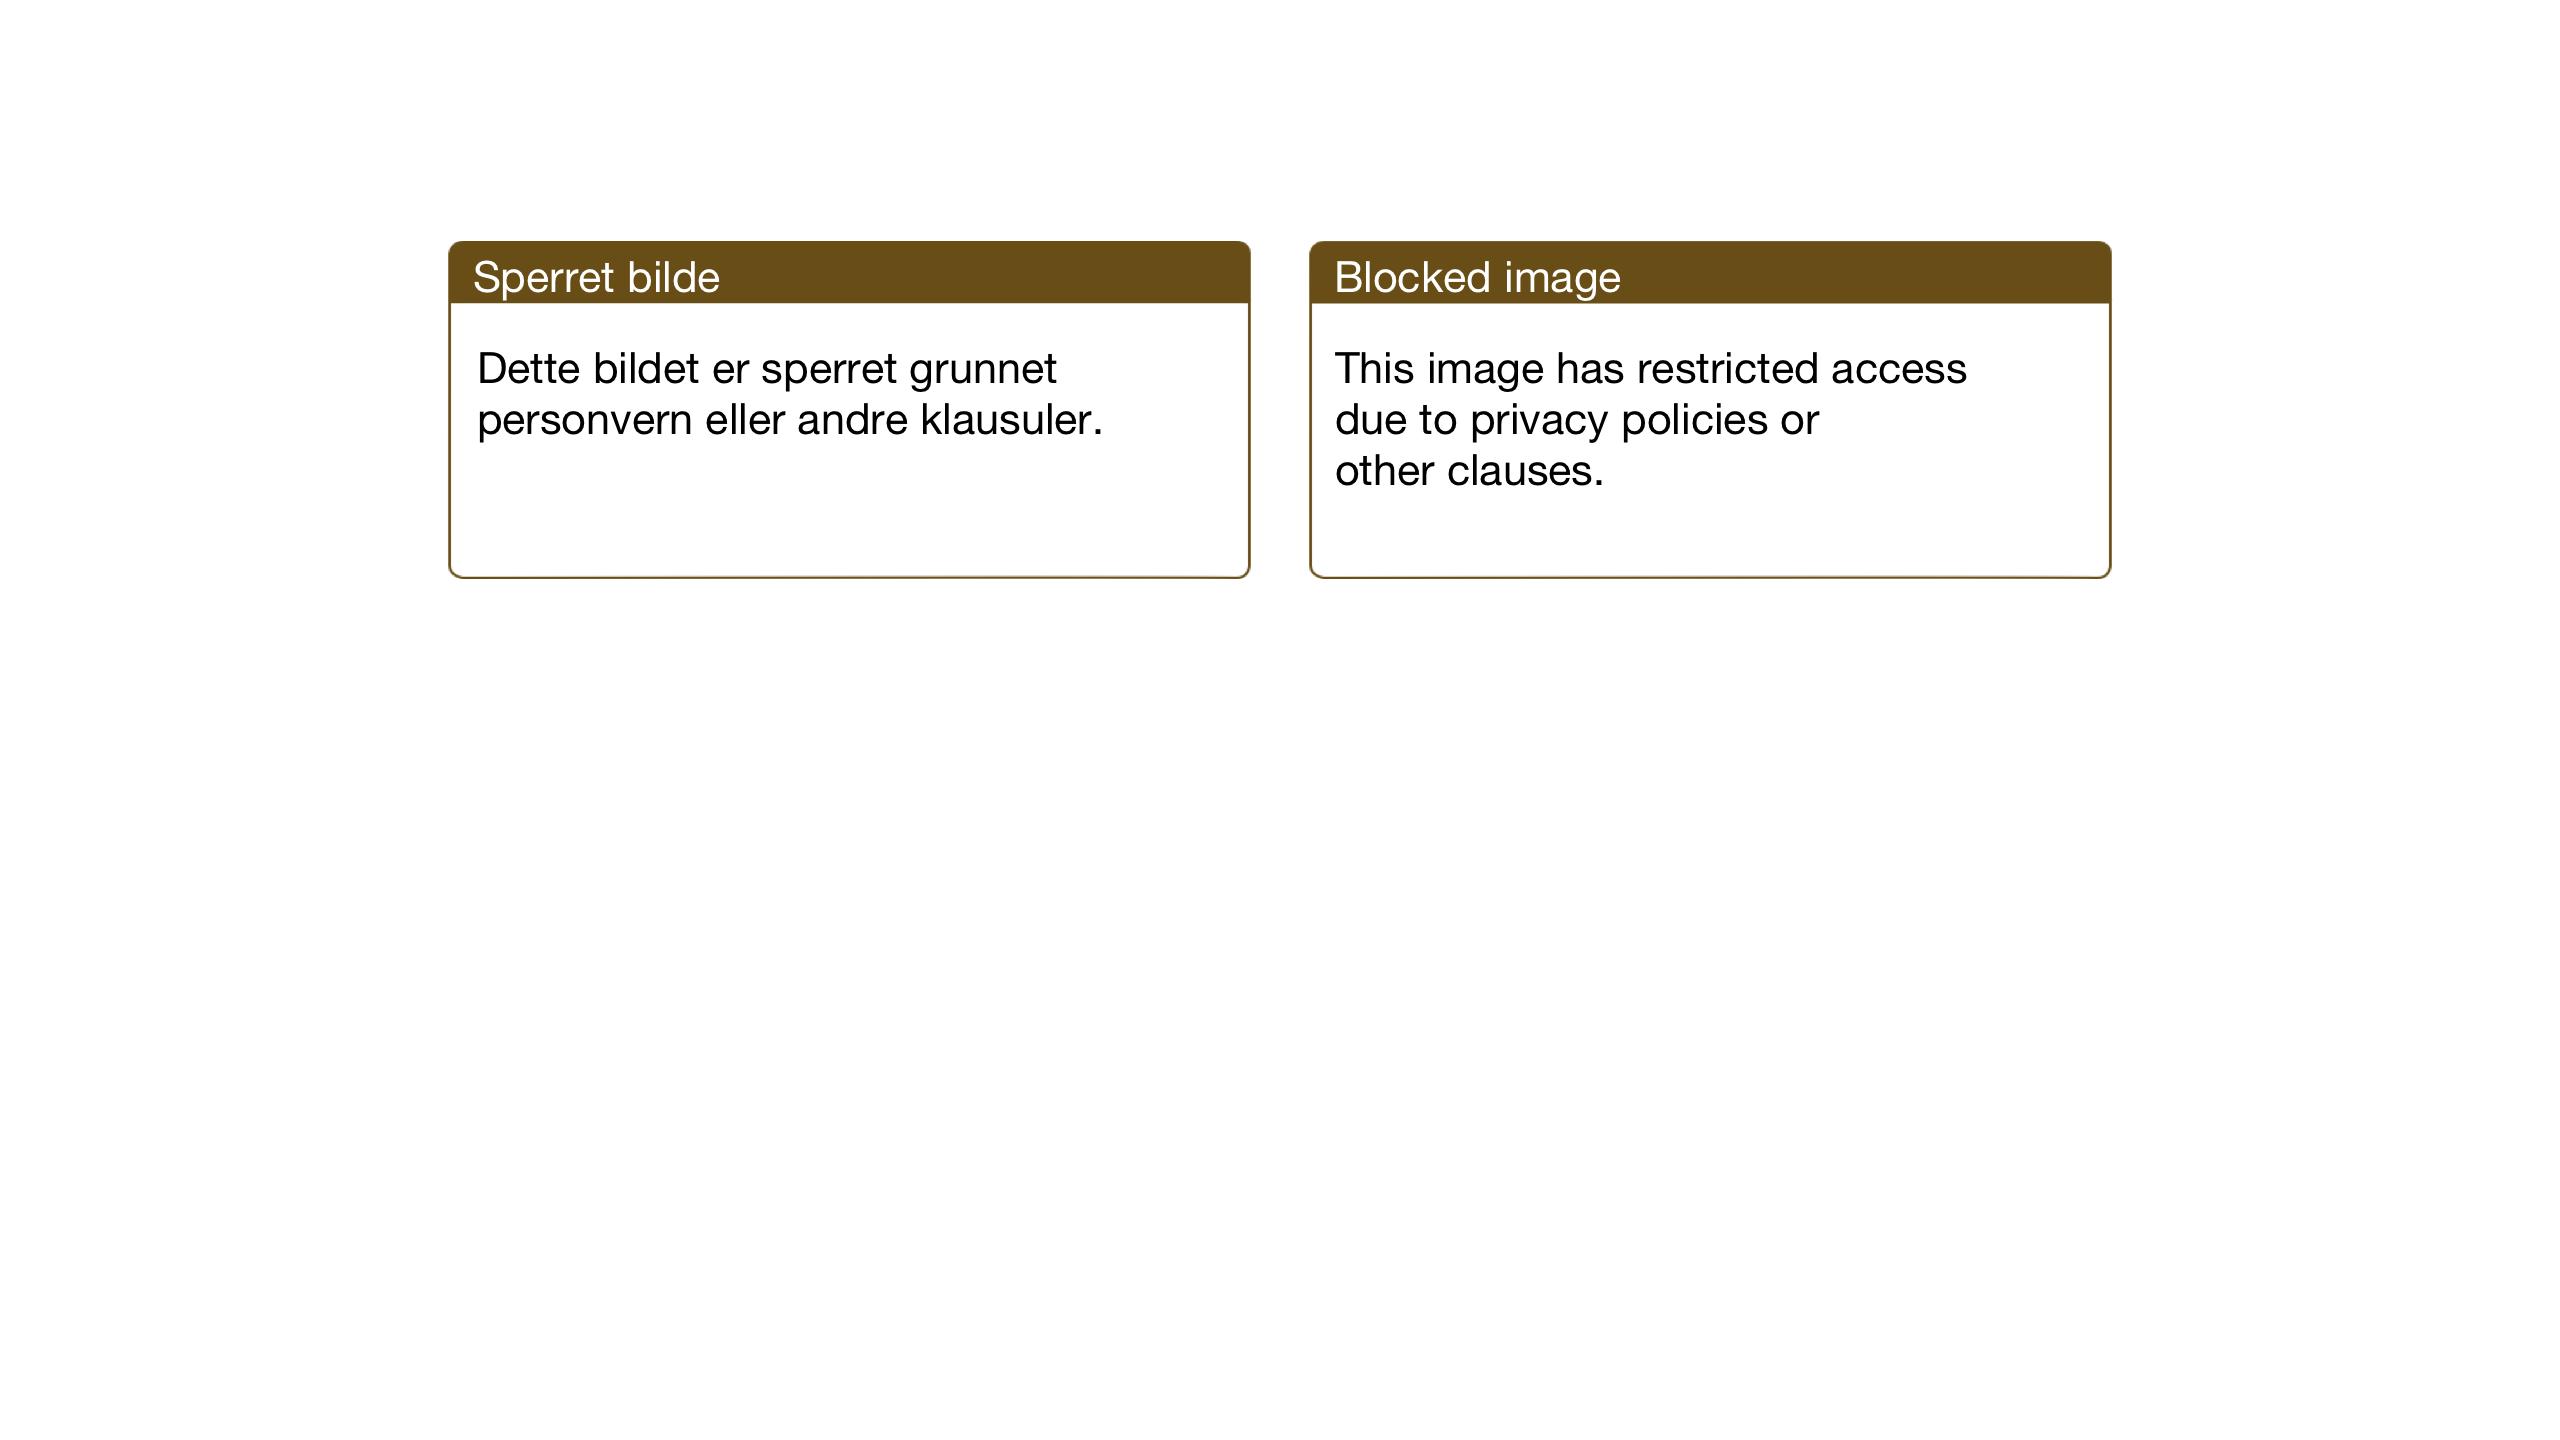 SAT, Ministerialprotokoller, klokkerbøker og fødselsregistre - Sør-Trøndelag, 681/L0943: Klokkerbok nr. 681C07, 1926-1954, s. 21